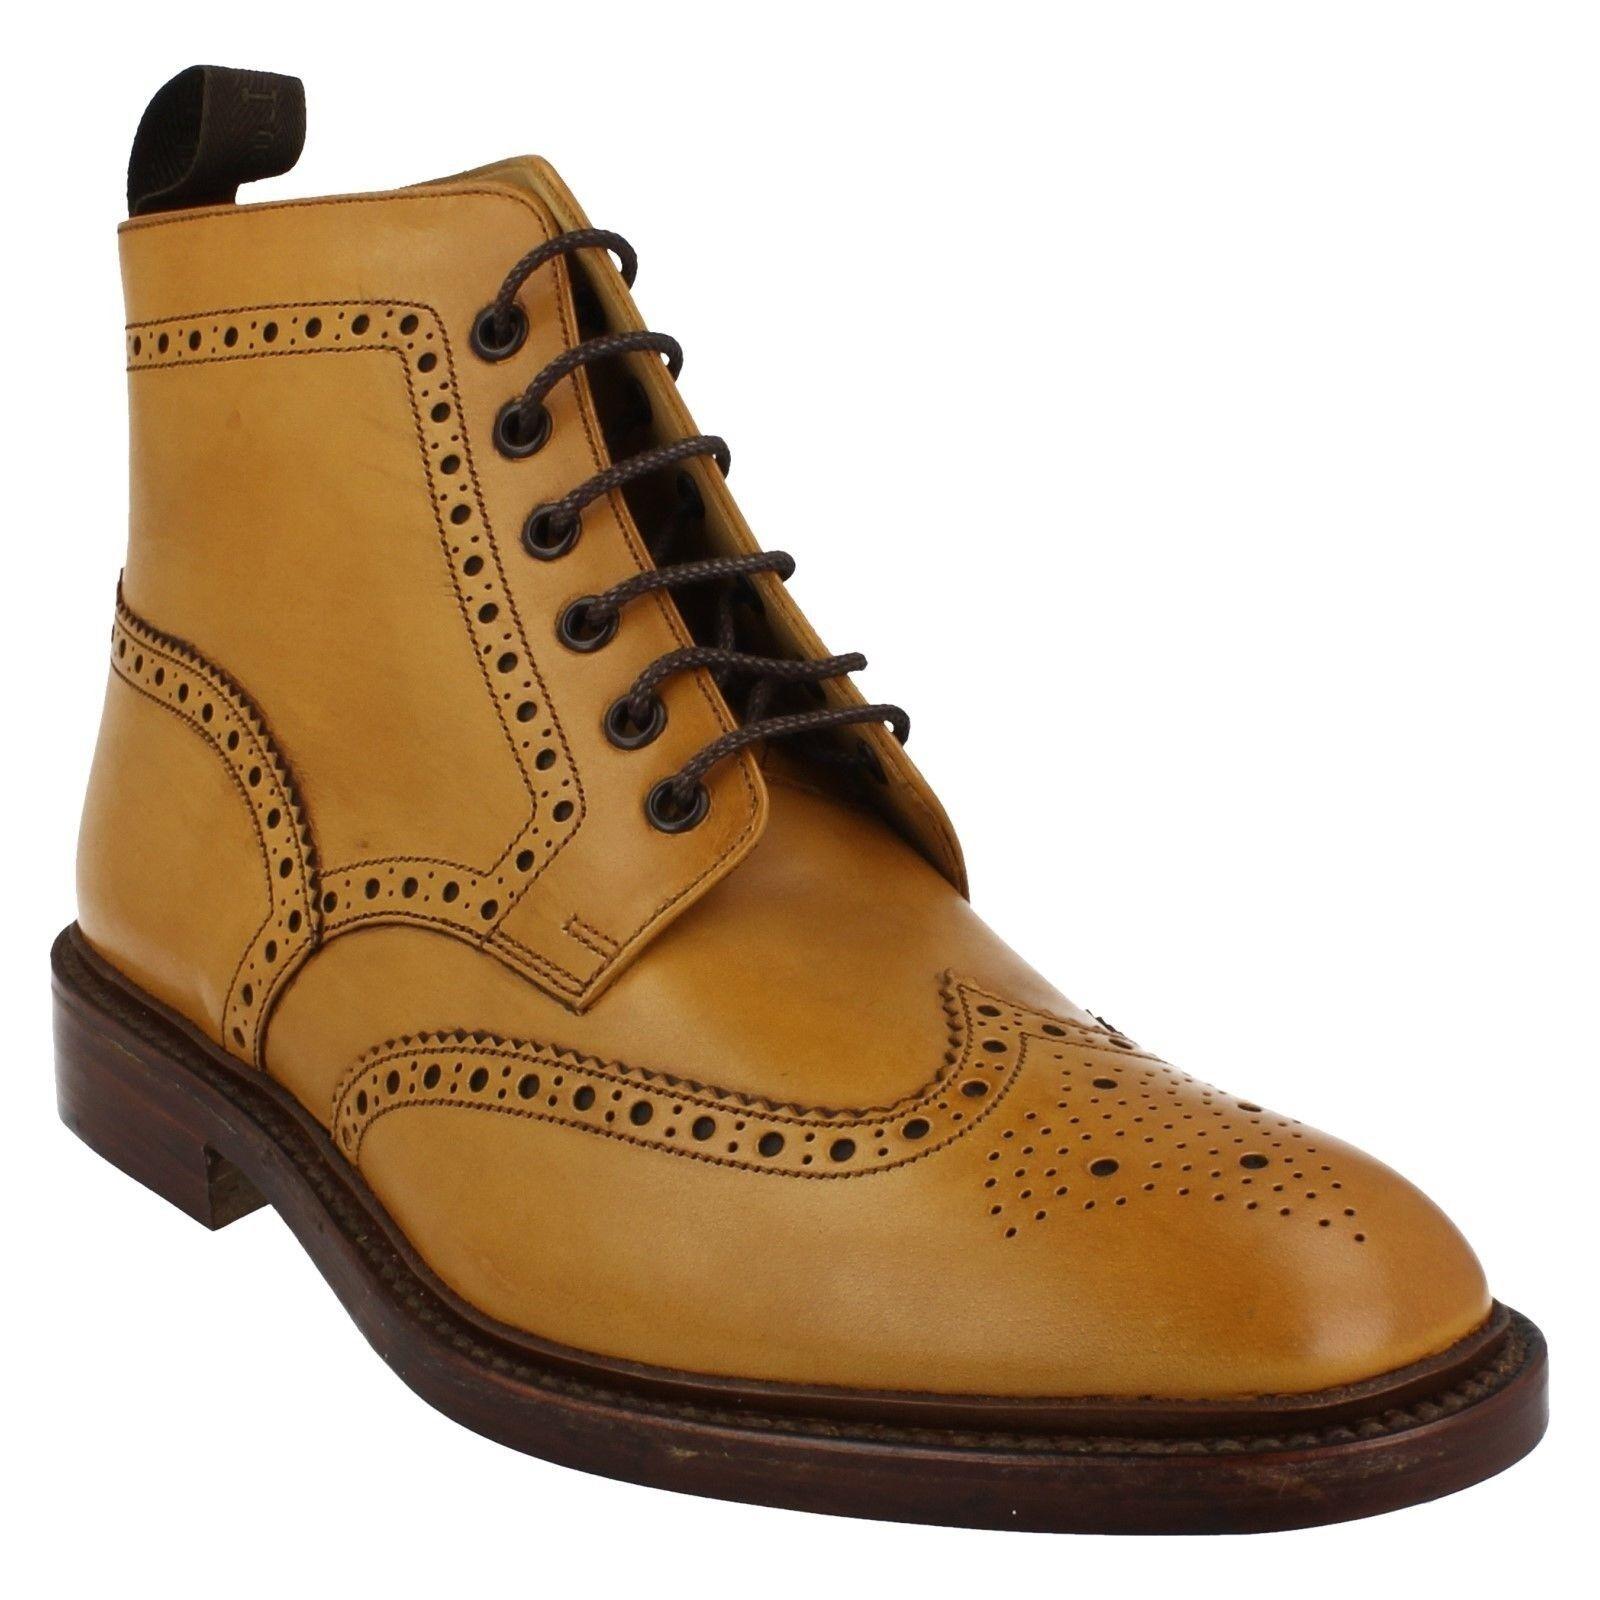 Oferta Hombre Loake Cuero Tostado Cordones Elegante Formal Zapato Oxford Botines